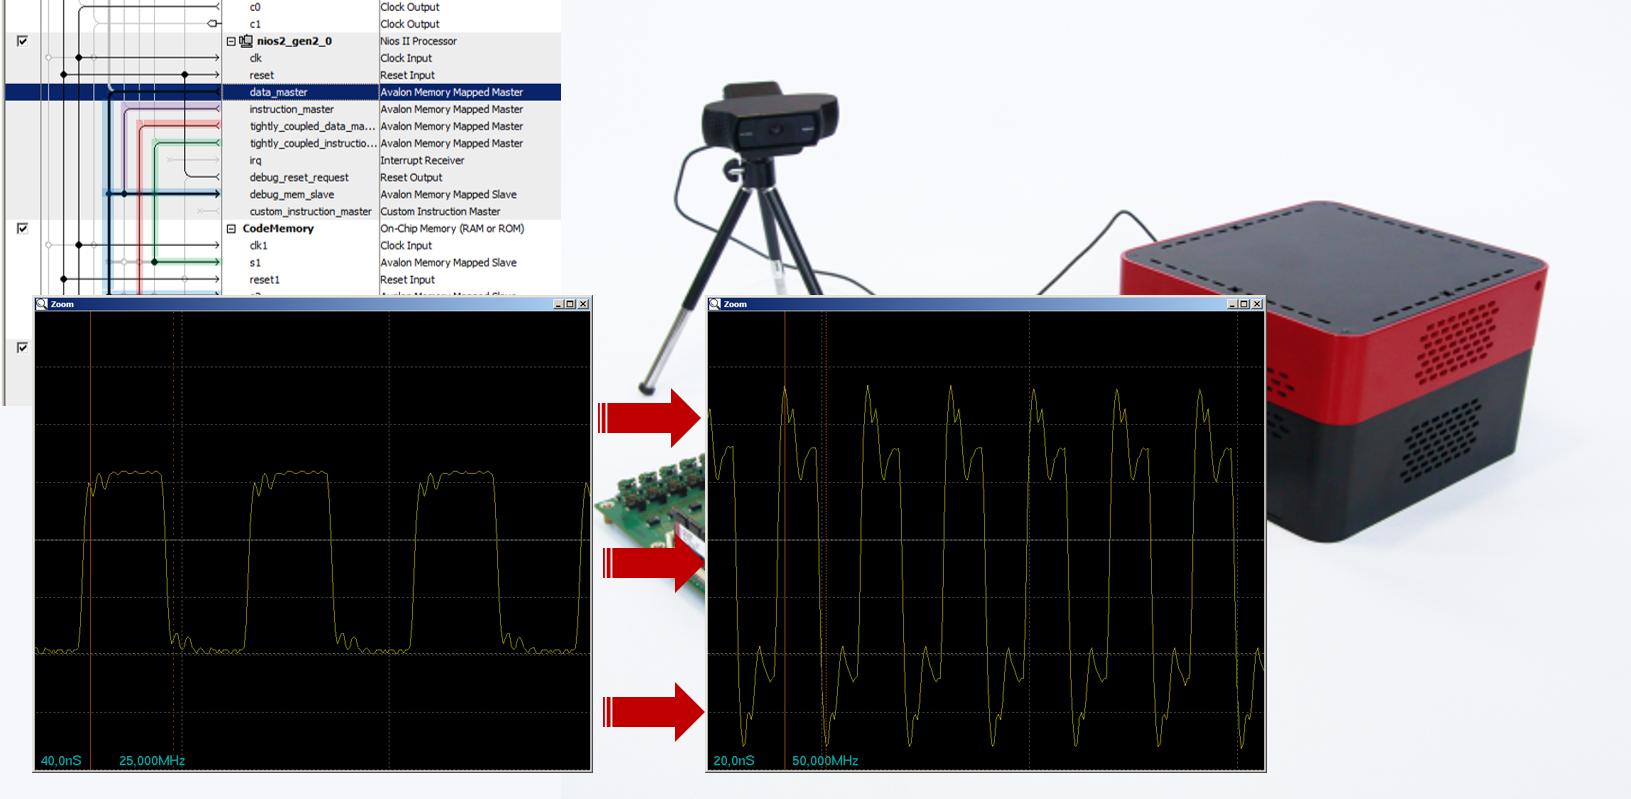 Ускорение программы для синтезированного процессора комплекса Redd без оптимизации: замена тактового генератора